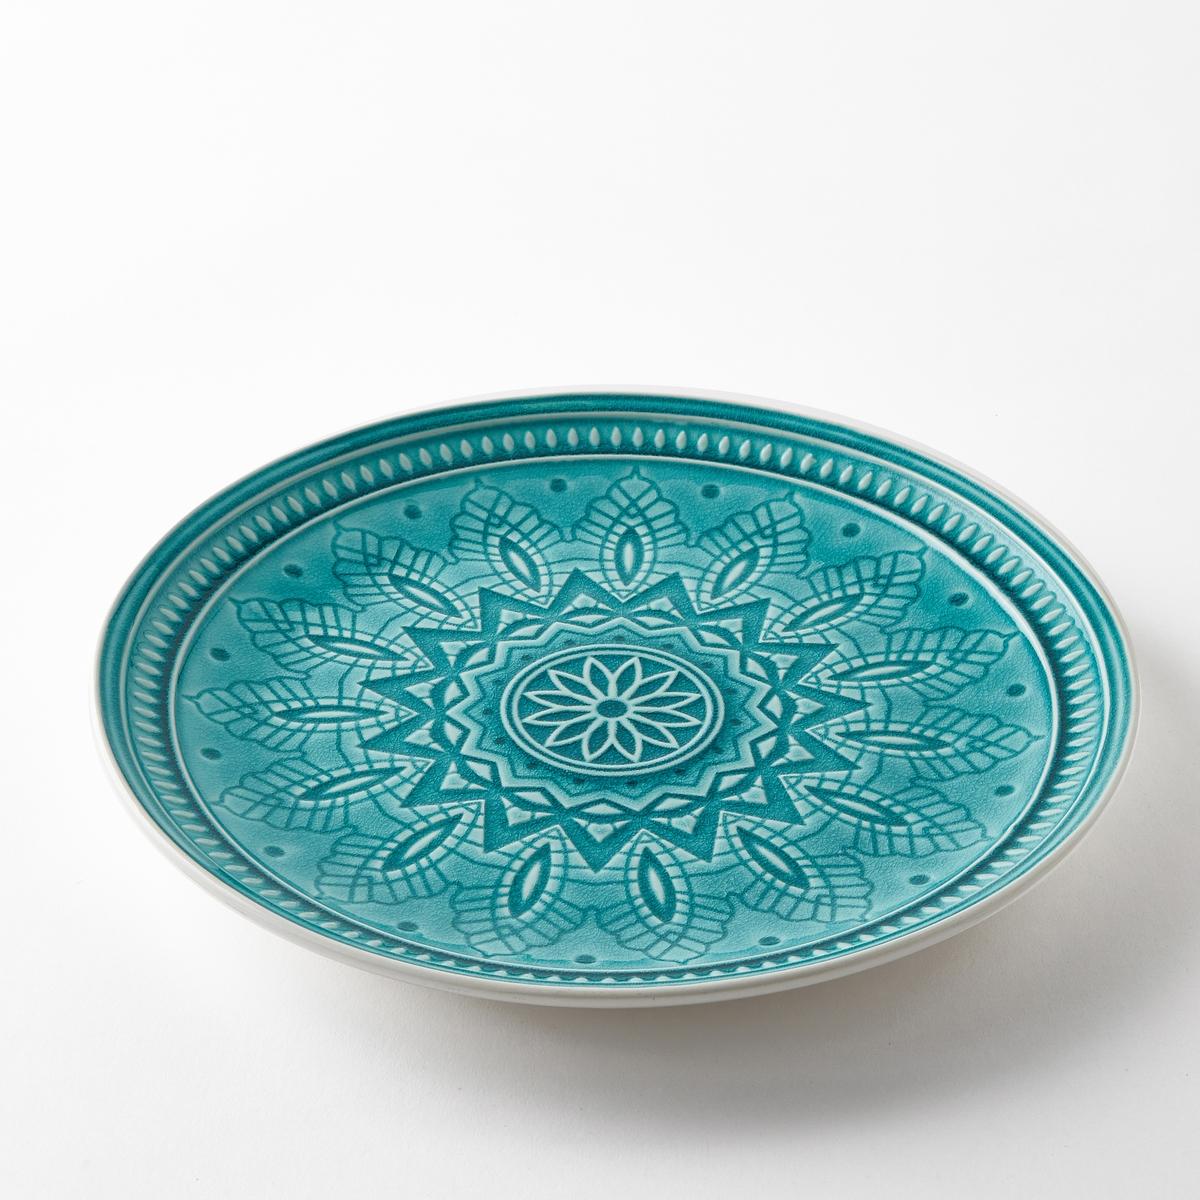 Блюдо керамическое NicolosiБлюдо Nicolosi. Эмалированная керамика с отделкой в стиле кракле . Рельефный рисунок. Подходит для посудомоечных машин. Размеры  : ?30 x В3 см.<br><br>Цвет: бирюзовый,серый